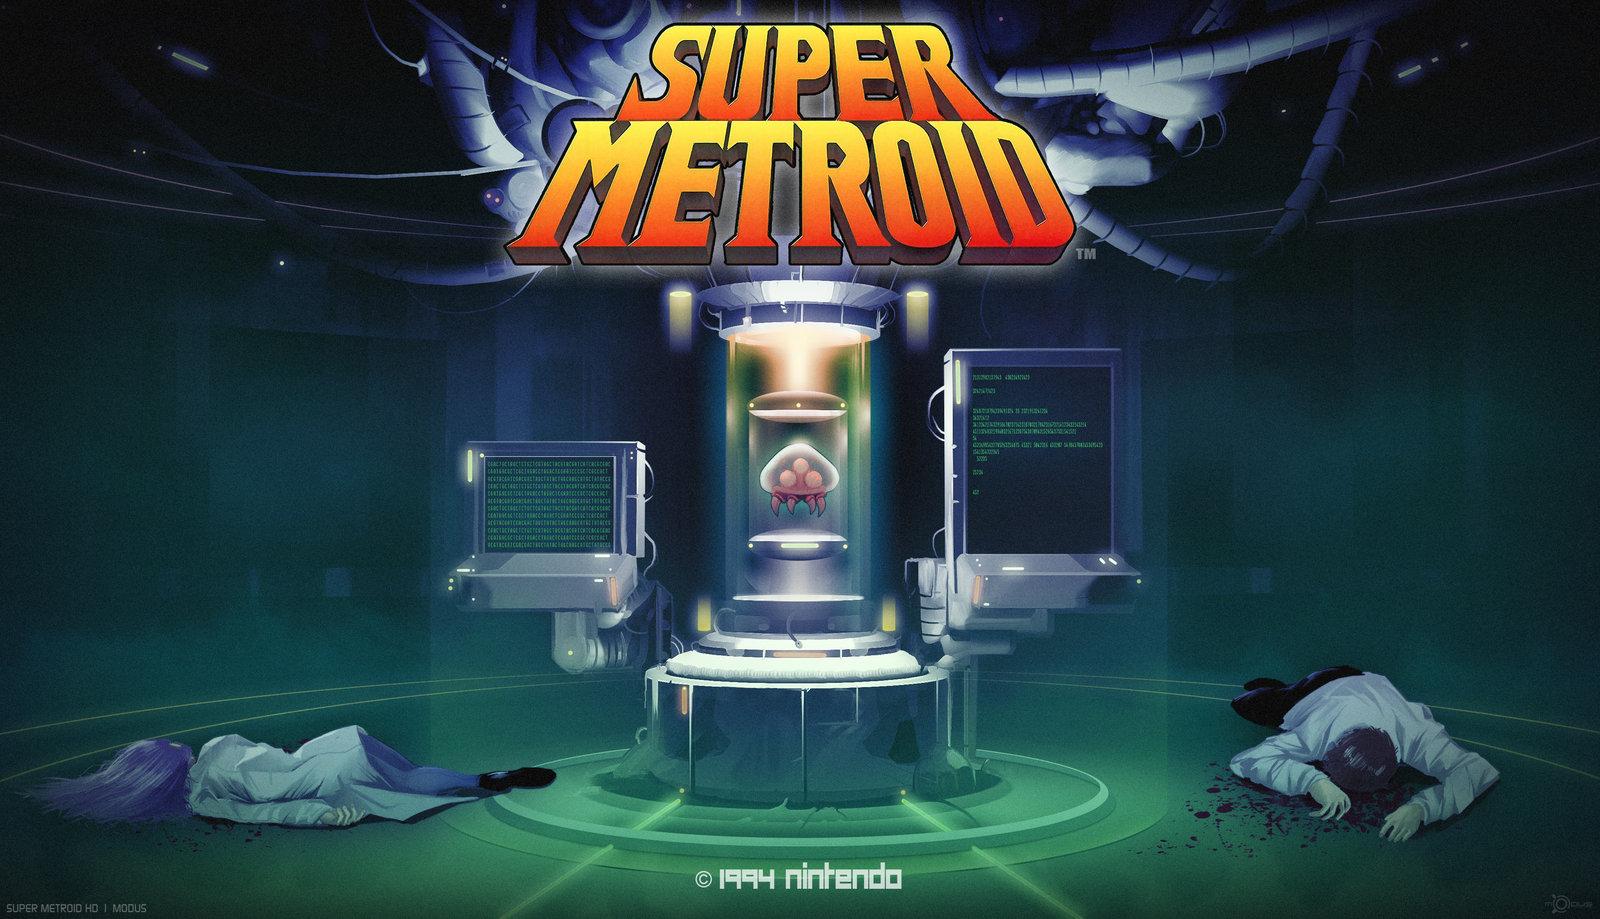 super_metroid_hd_by_modusprodukt-d427im7